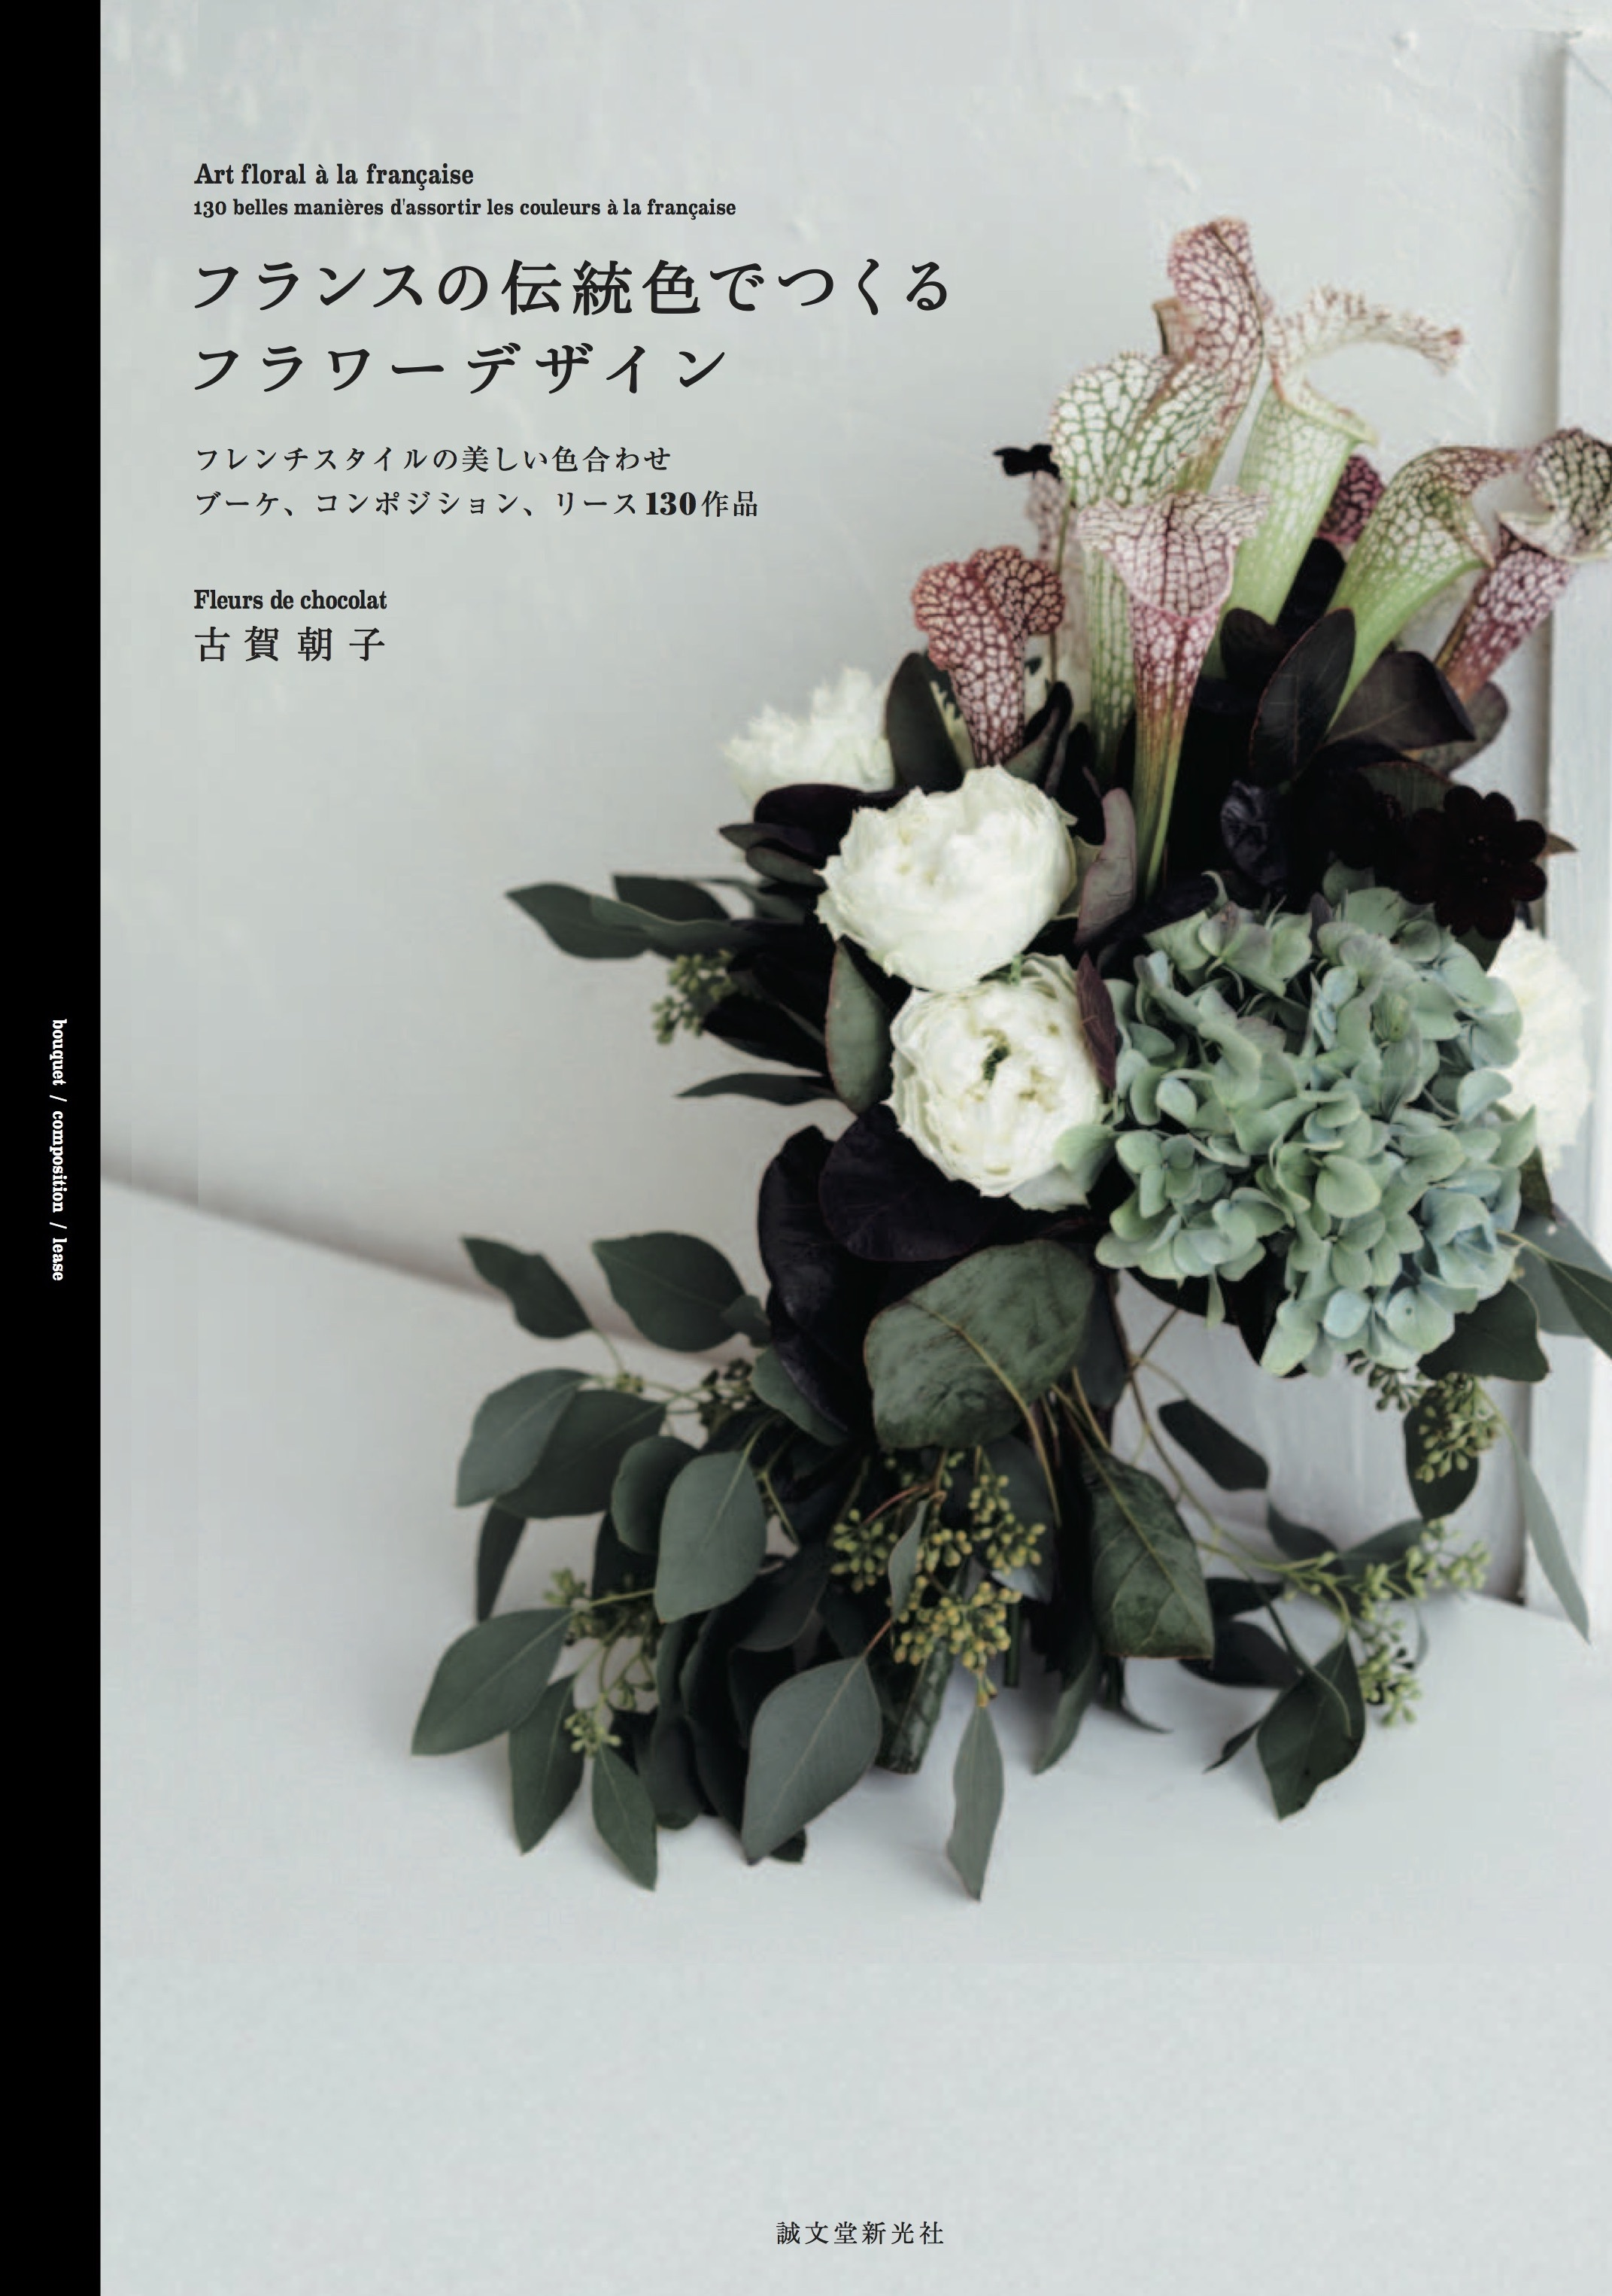 [書籍]『フランスの伝統色でつくるフラワーデザイン』 - 画像1